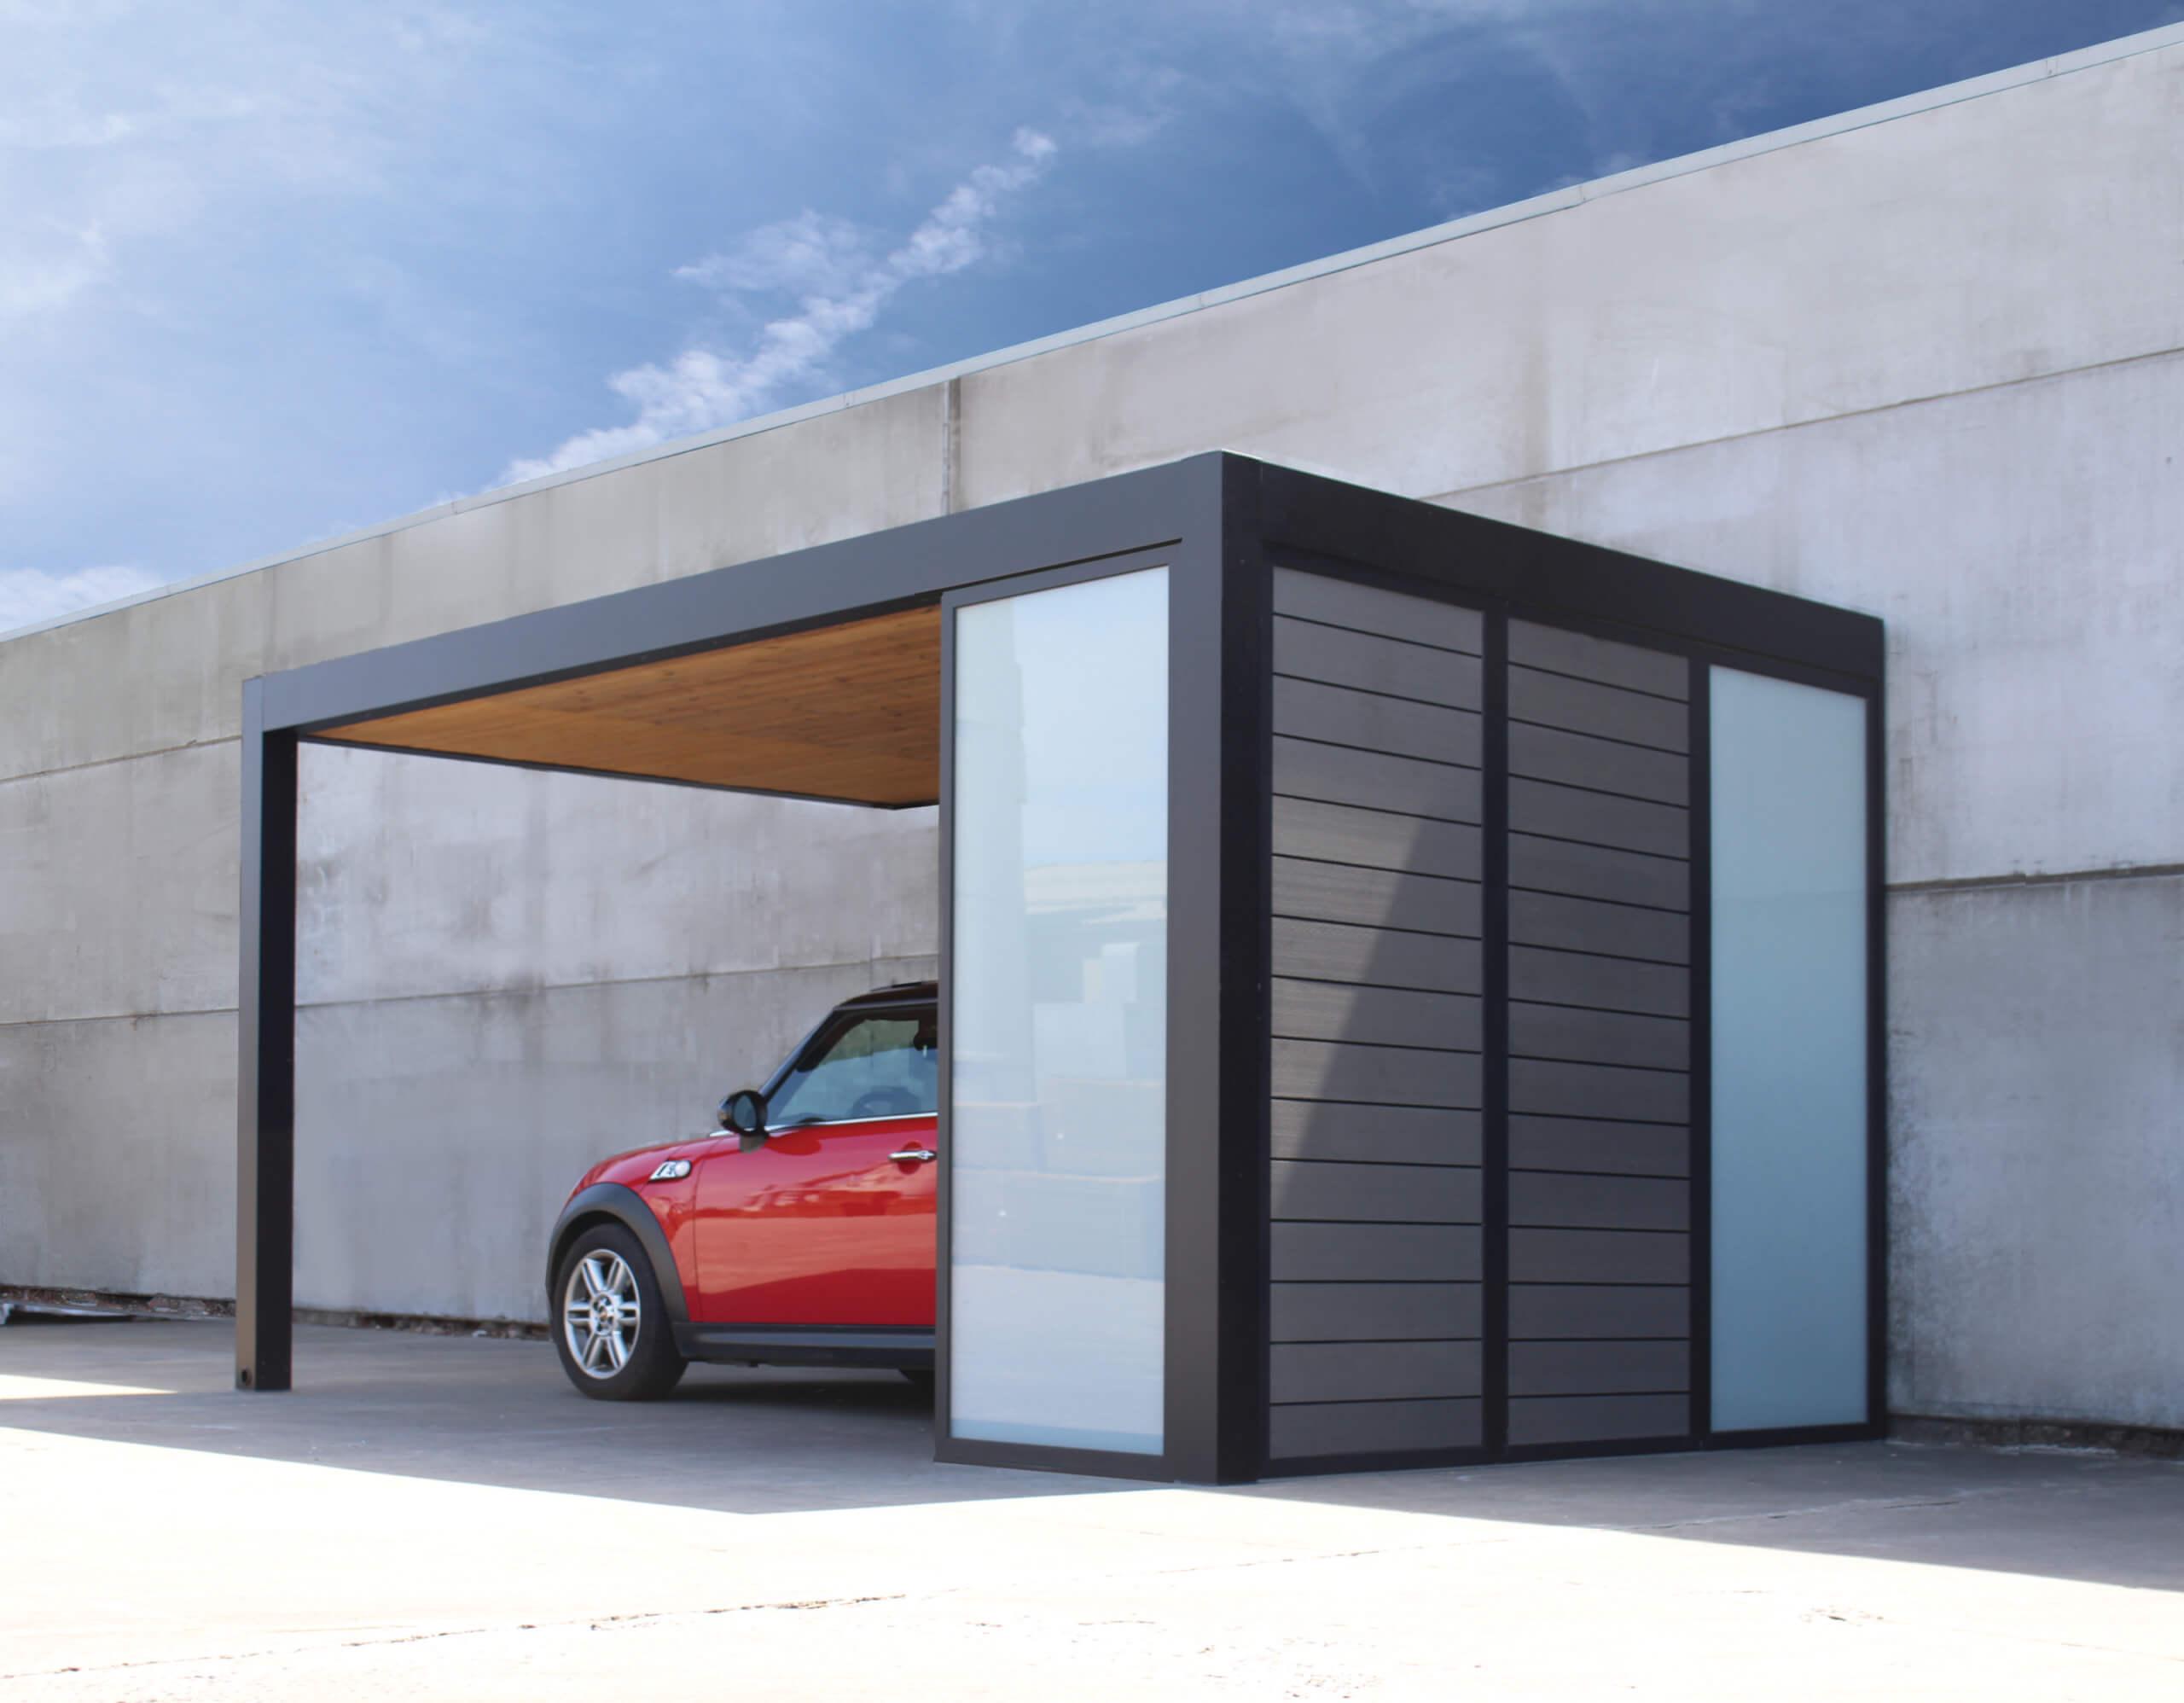 Exterior Living | Alu carport wpc 4